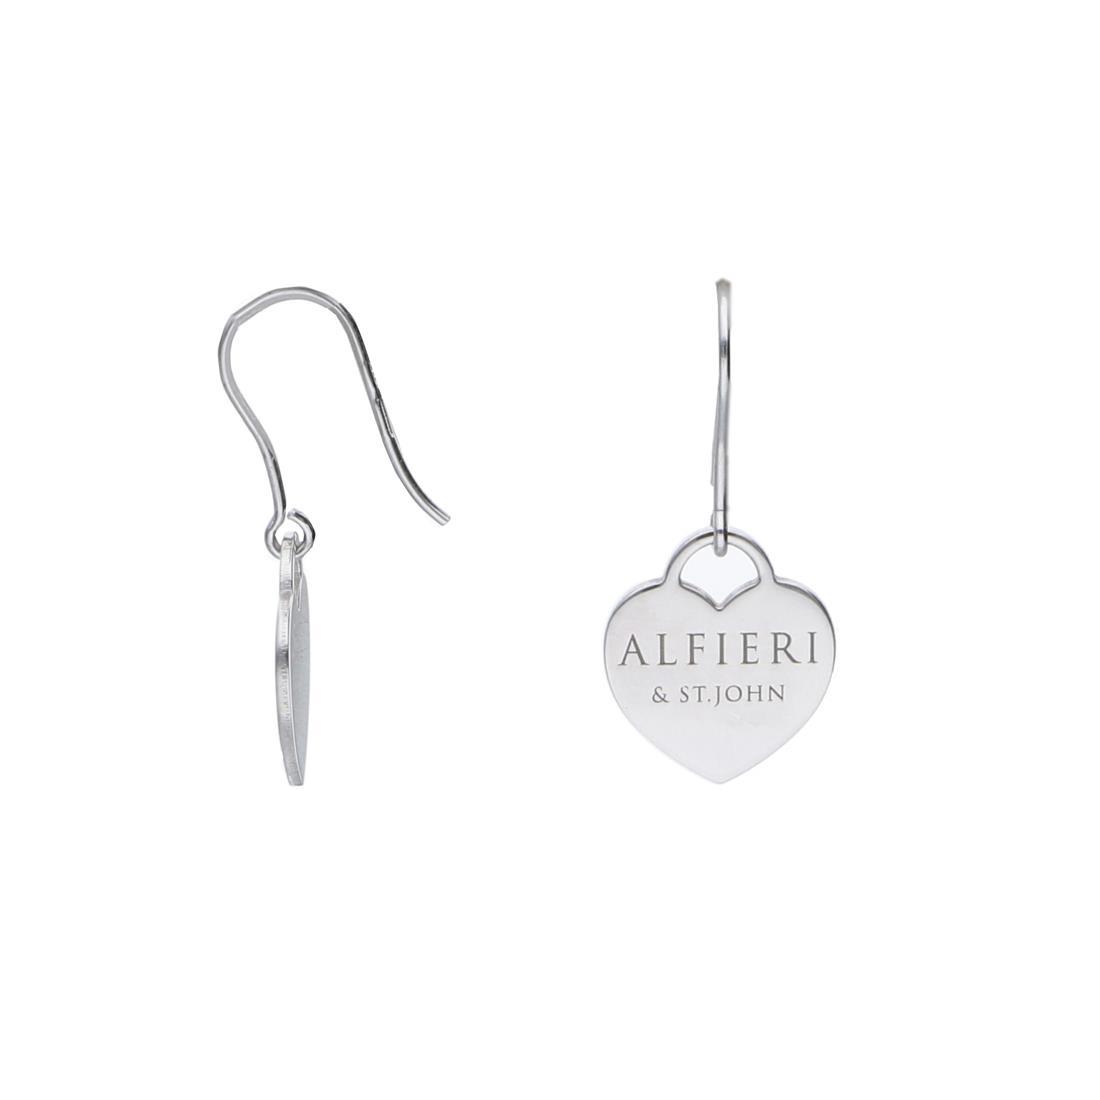 Orecchini pendenti in argento - ALFIERI & ST. JOHN 925